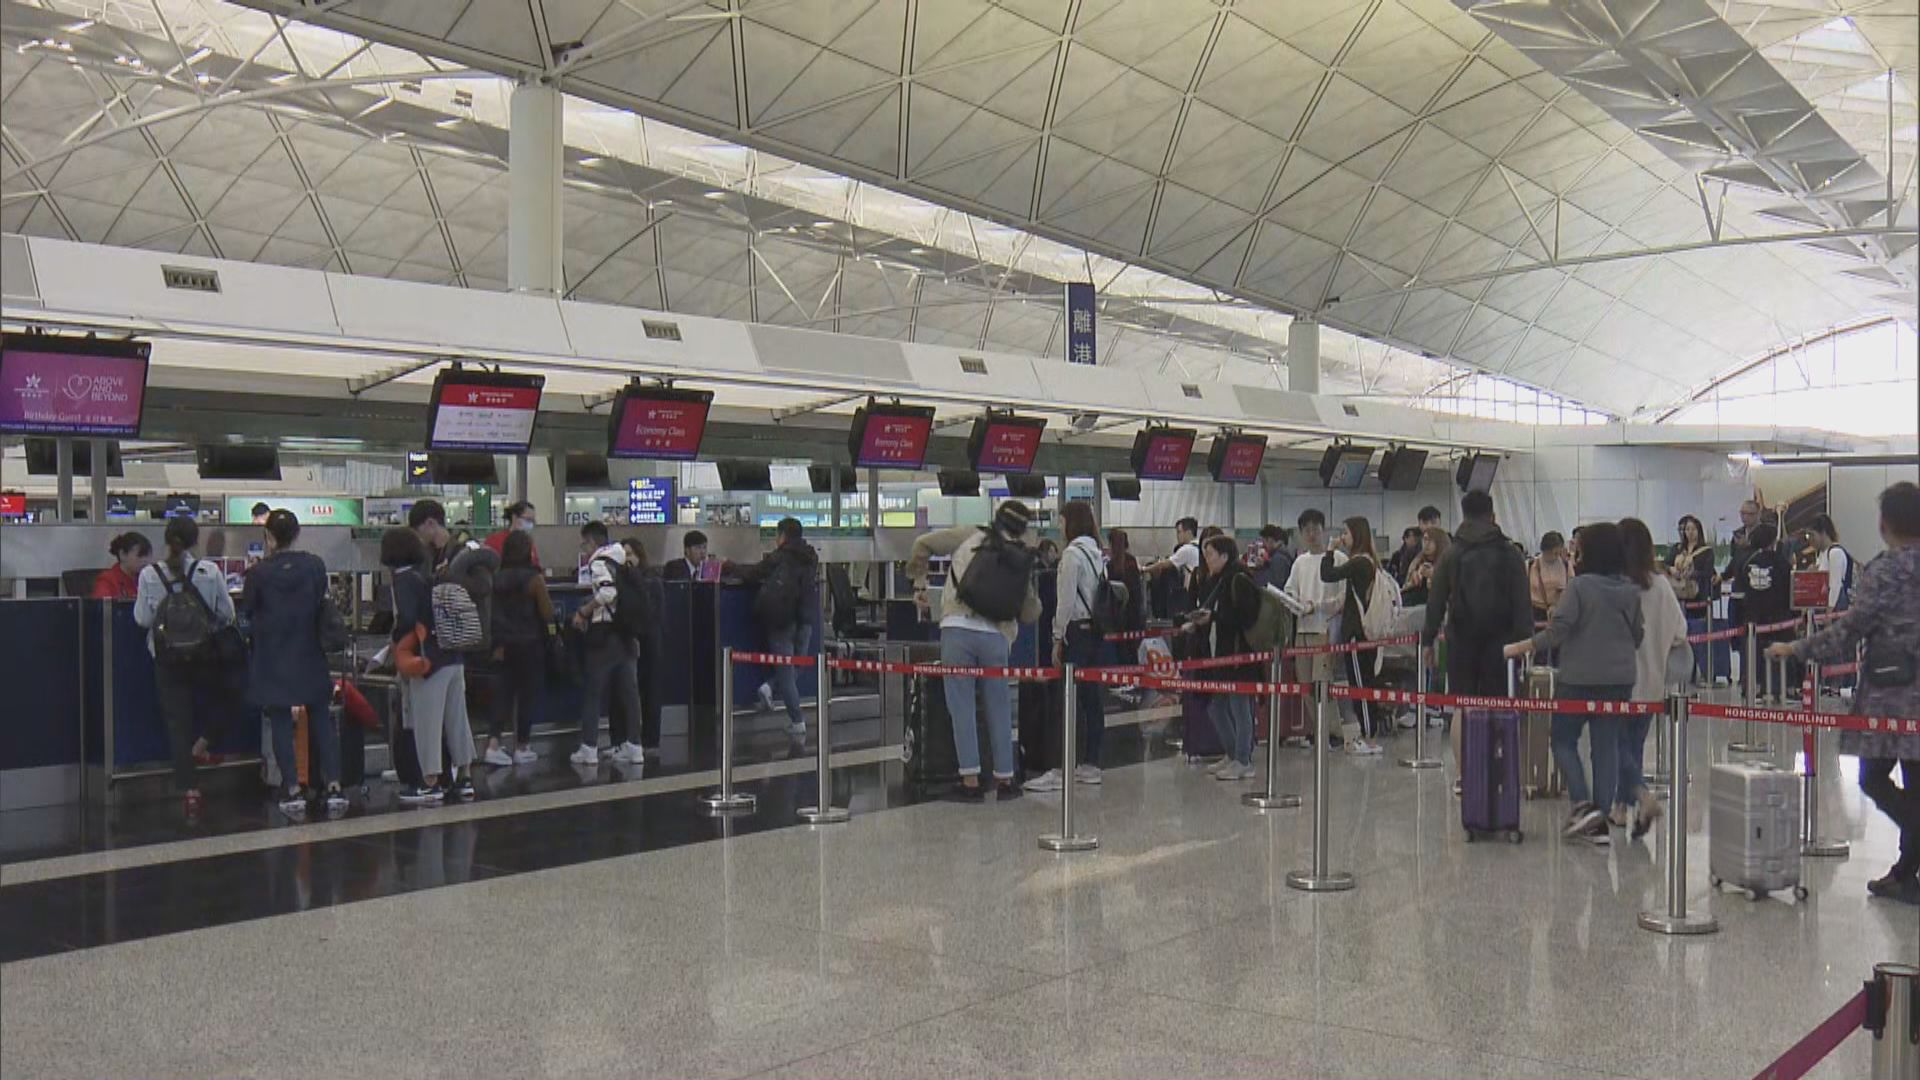 港航料對機艙服務員人手需求減 解僱250人